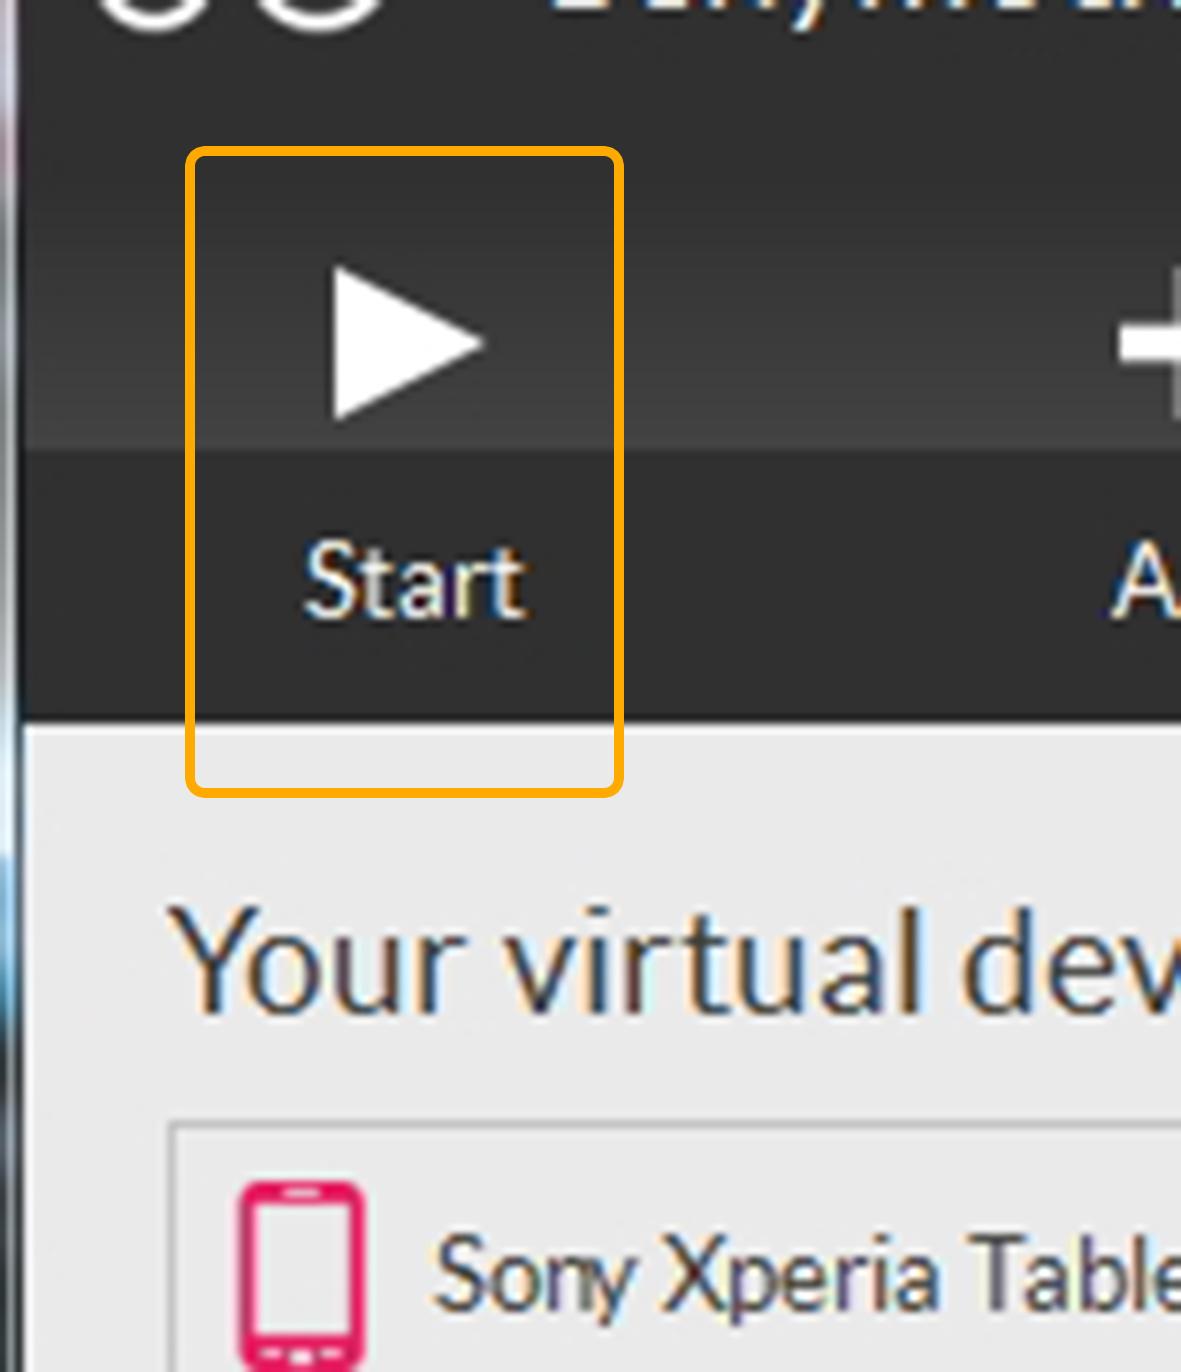 Процесс запуска виртуального устройства, состоящий из нажатия на кнопку, для дальнейших действий.